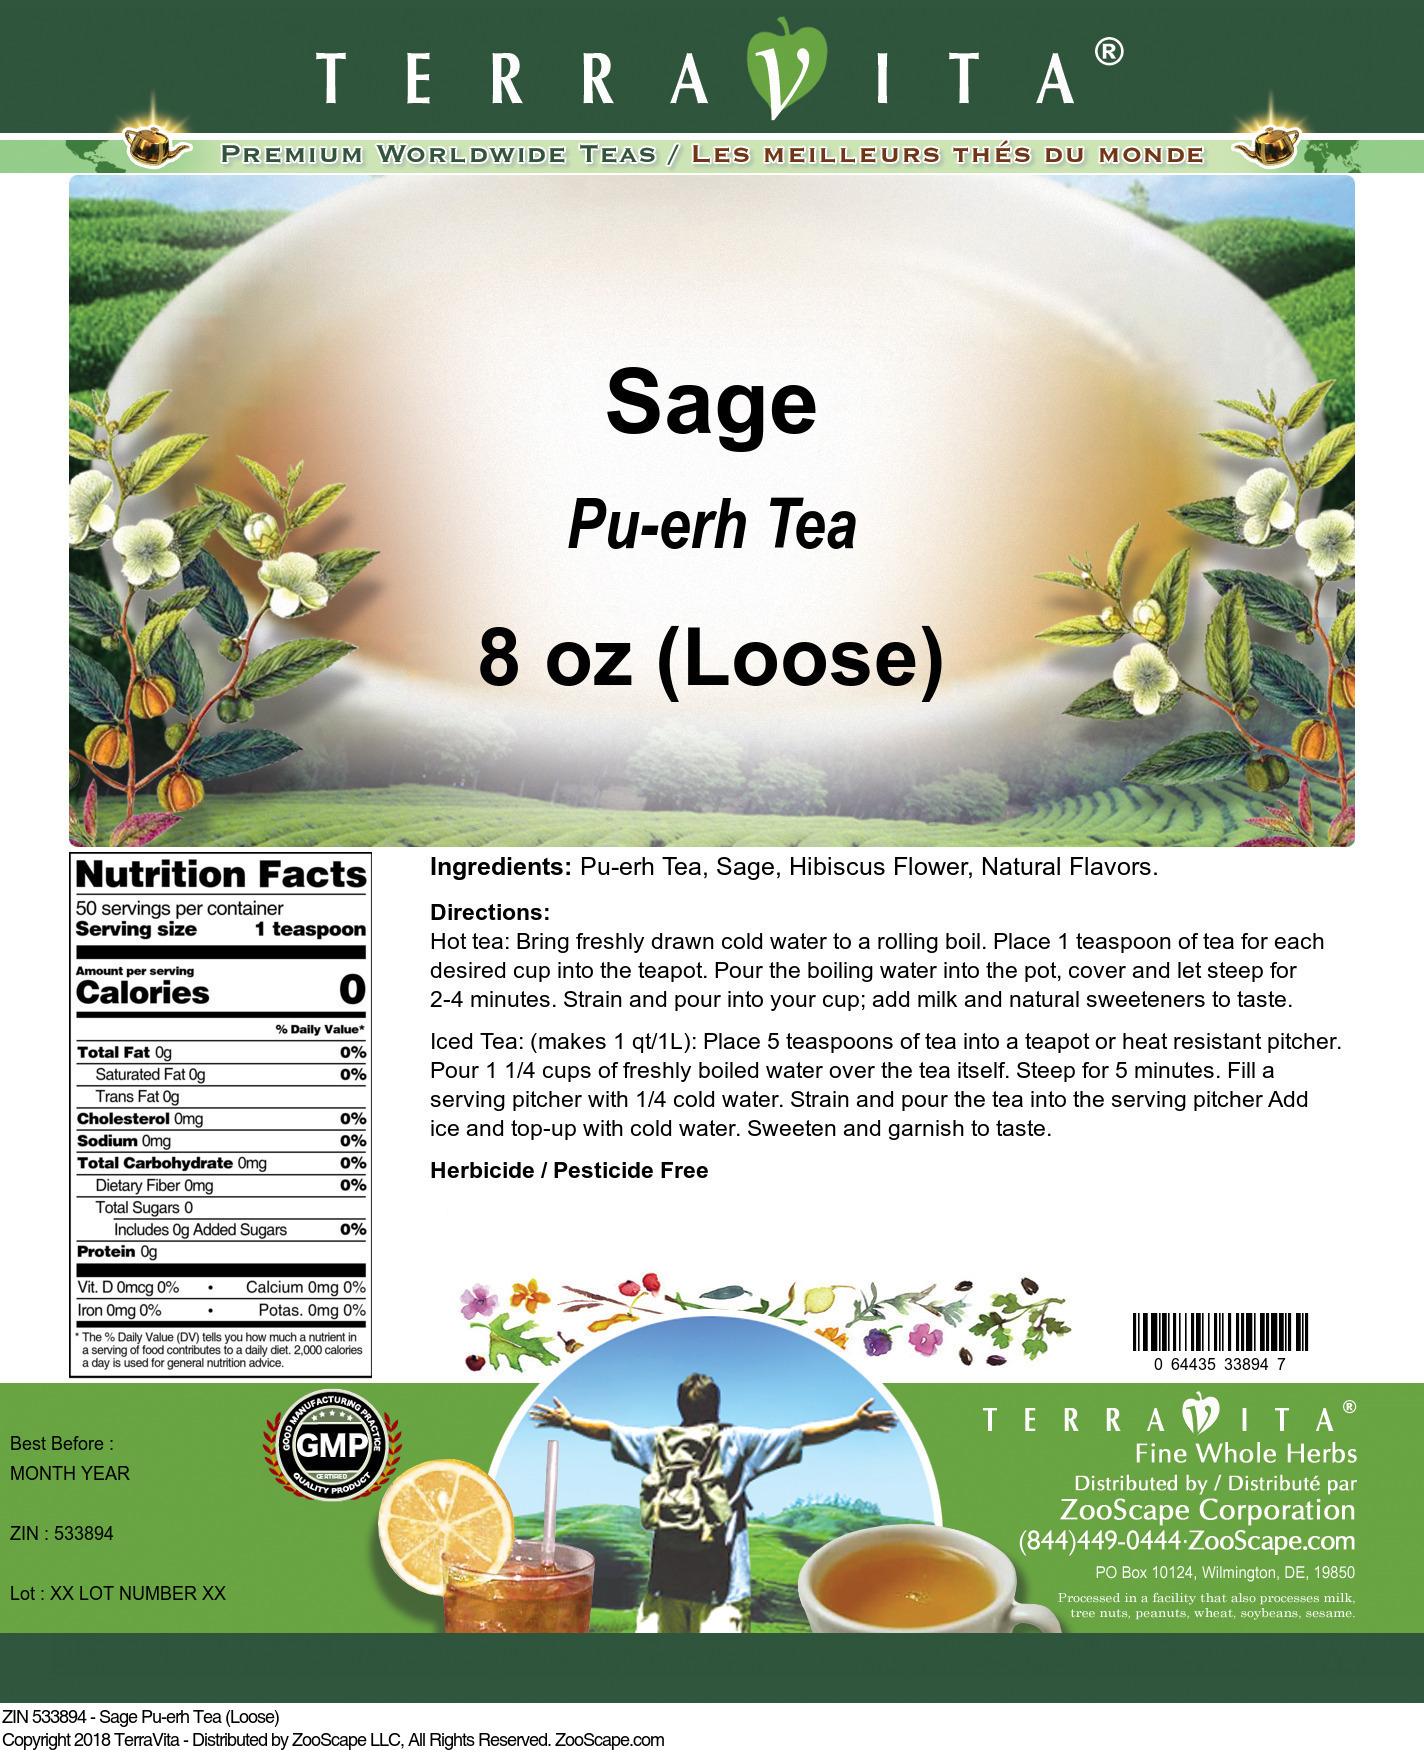 Sage Pu-erh Tea (Loose)